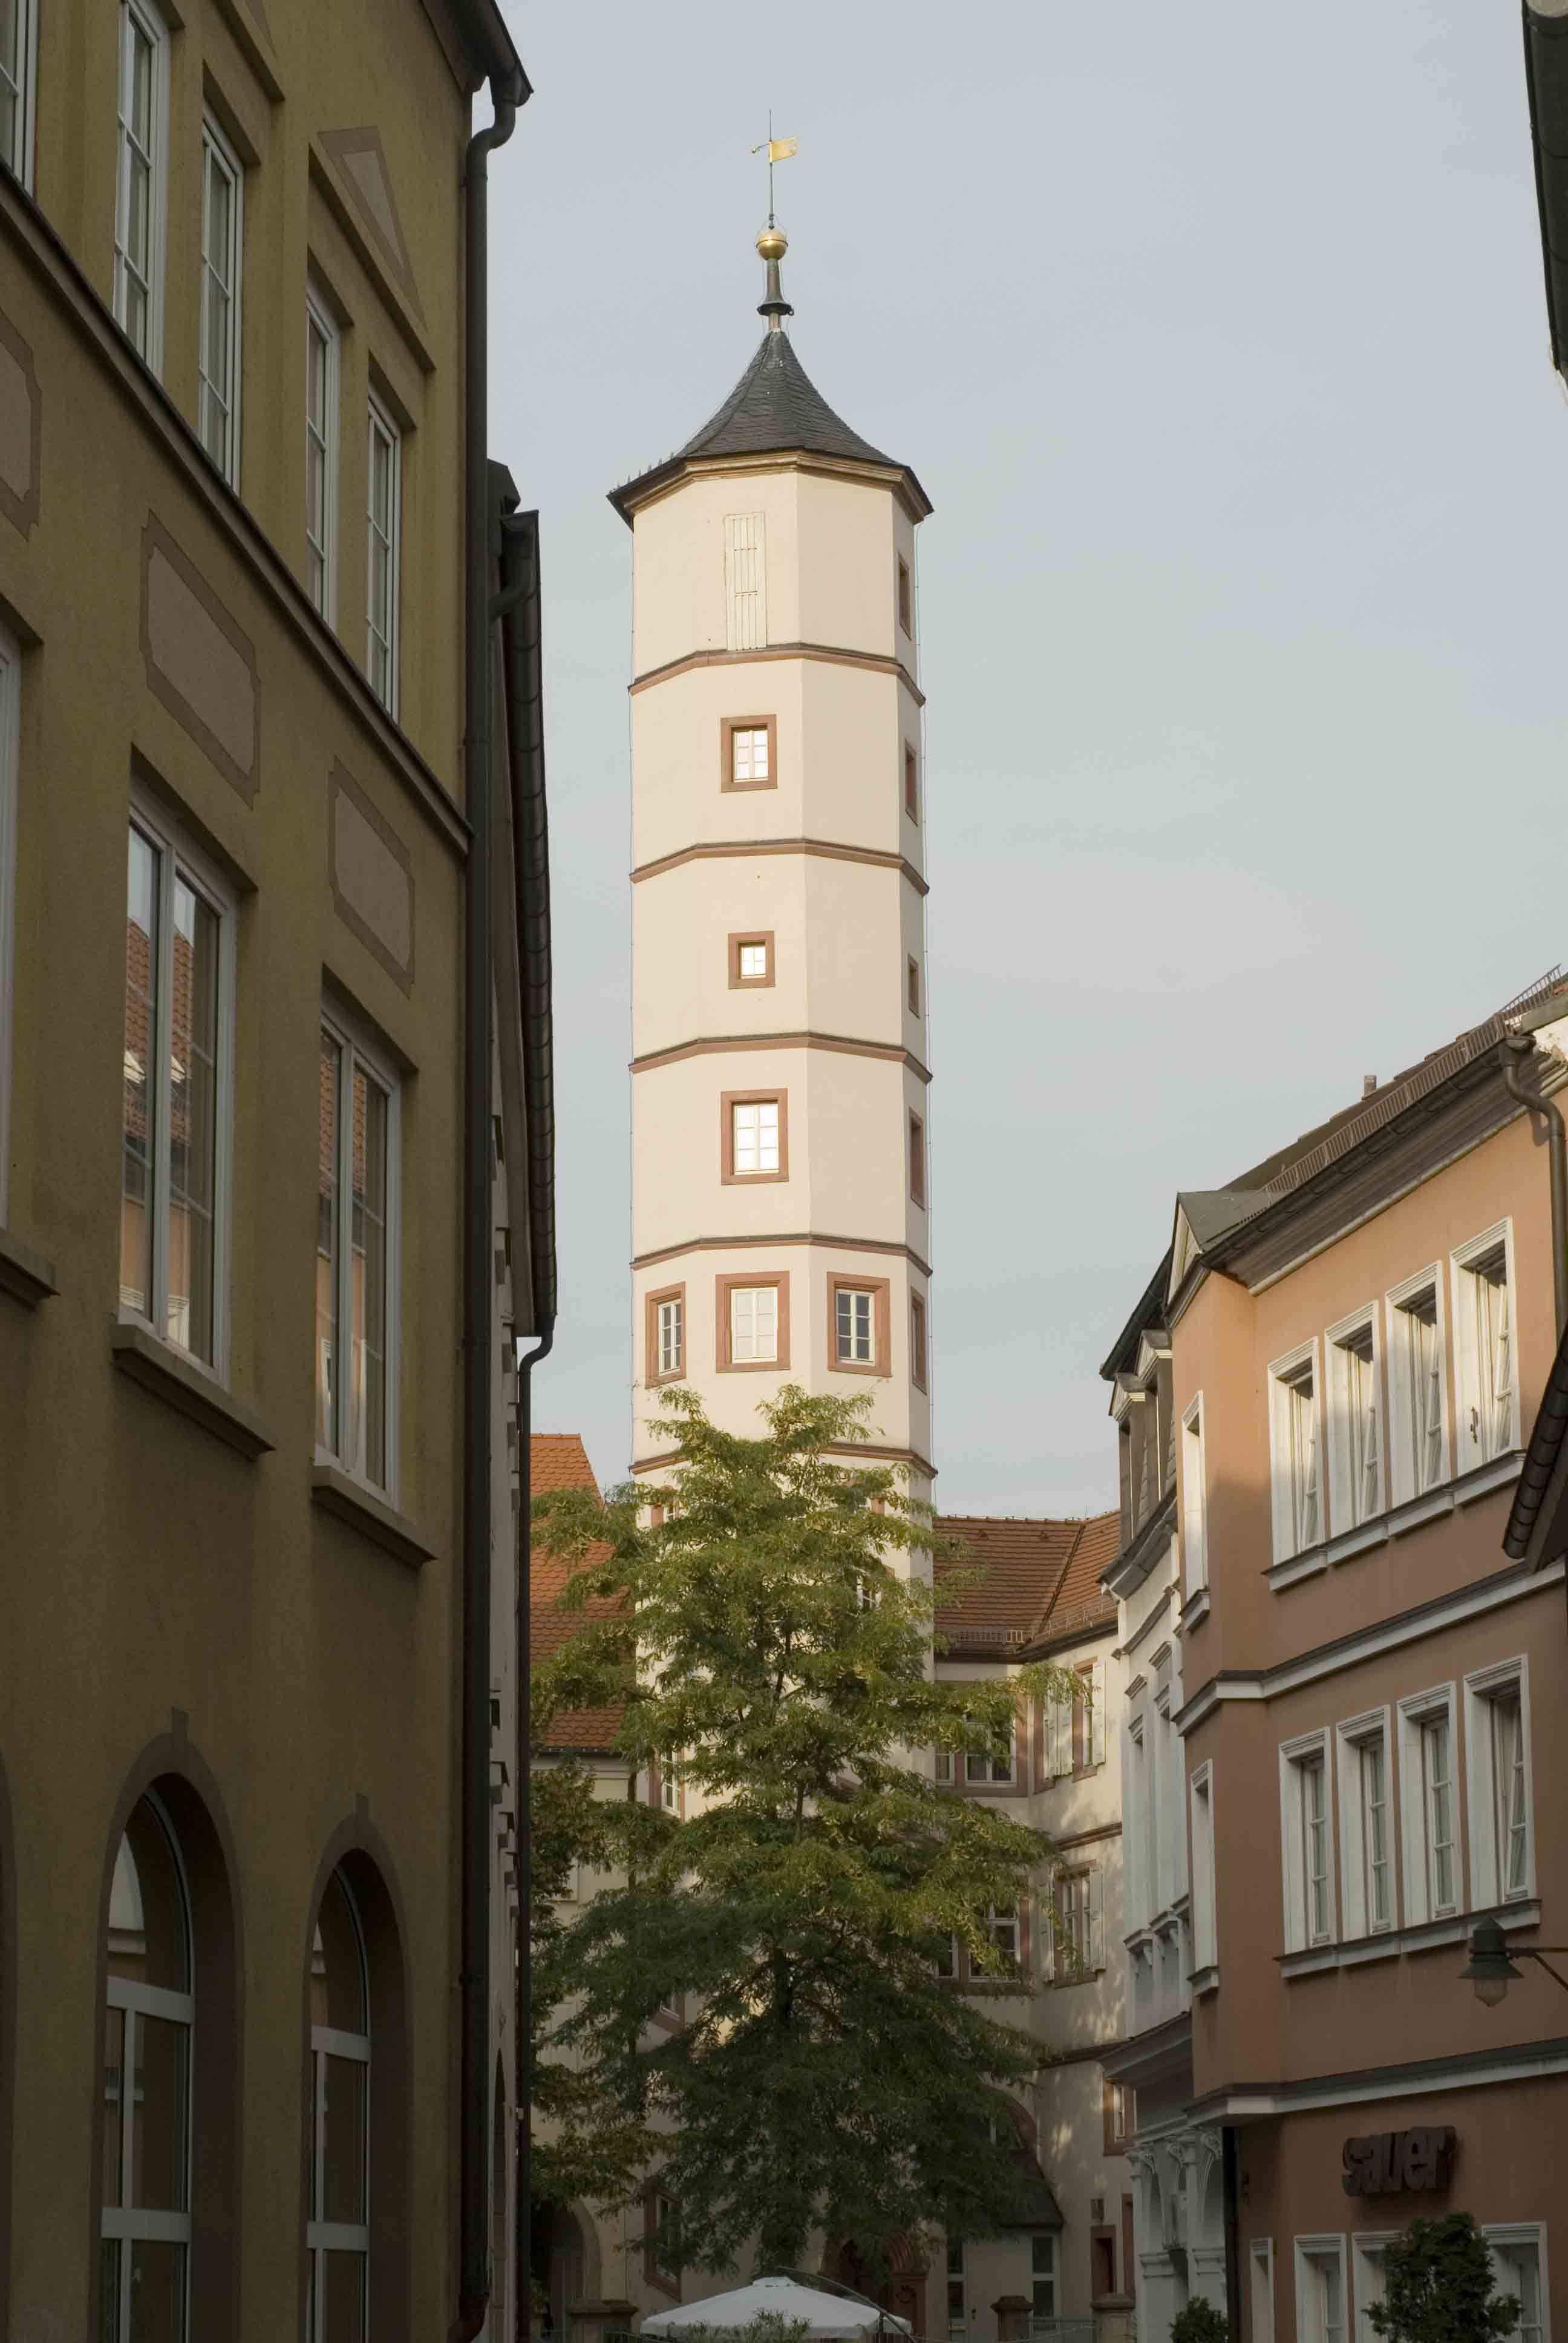 Schrotturm Schweinfurt Www Schweinfurt360 Schrotturm Schweinfurt Denkmal Innenstadt Stadt Land Schweinfurt Tourismus